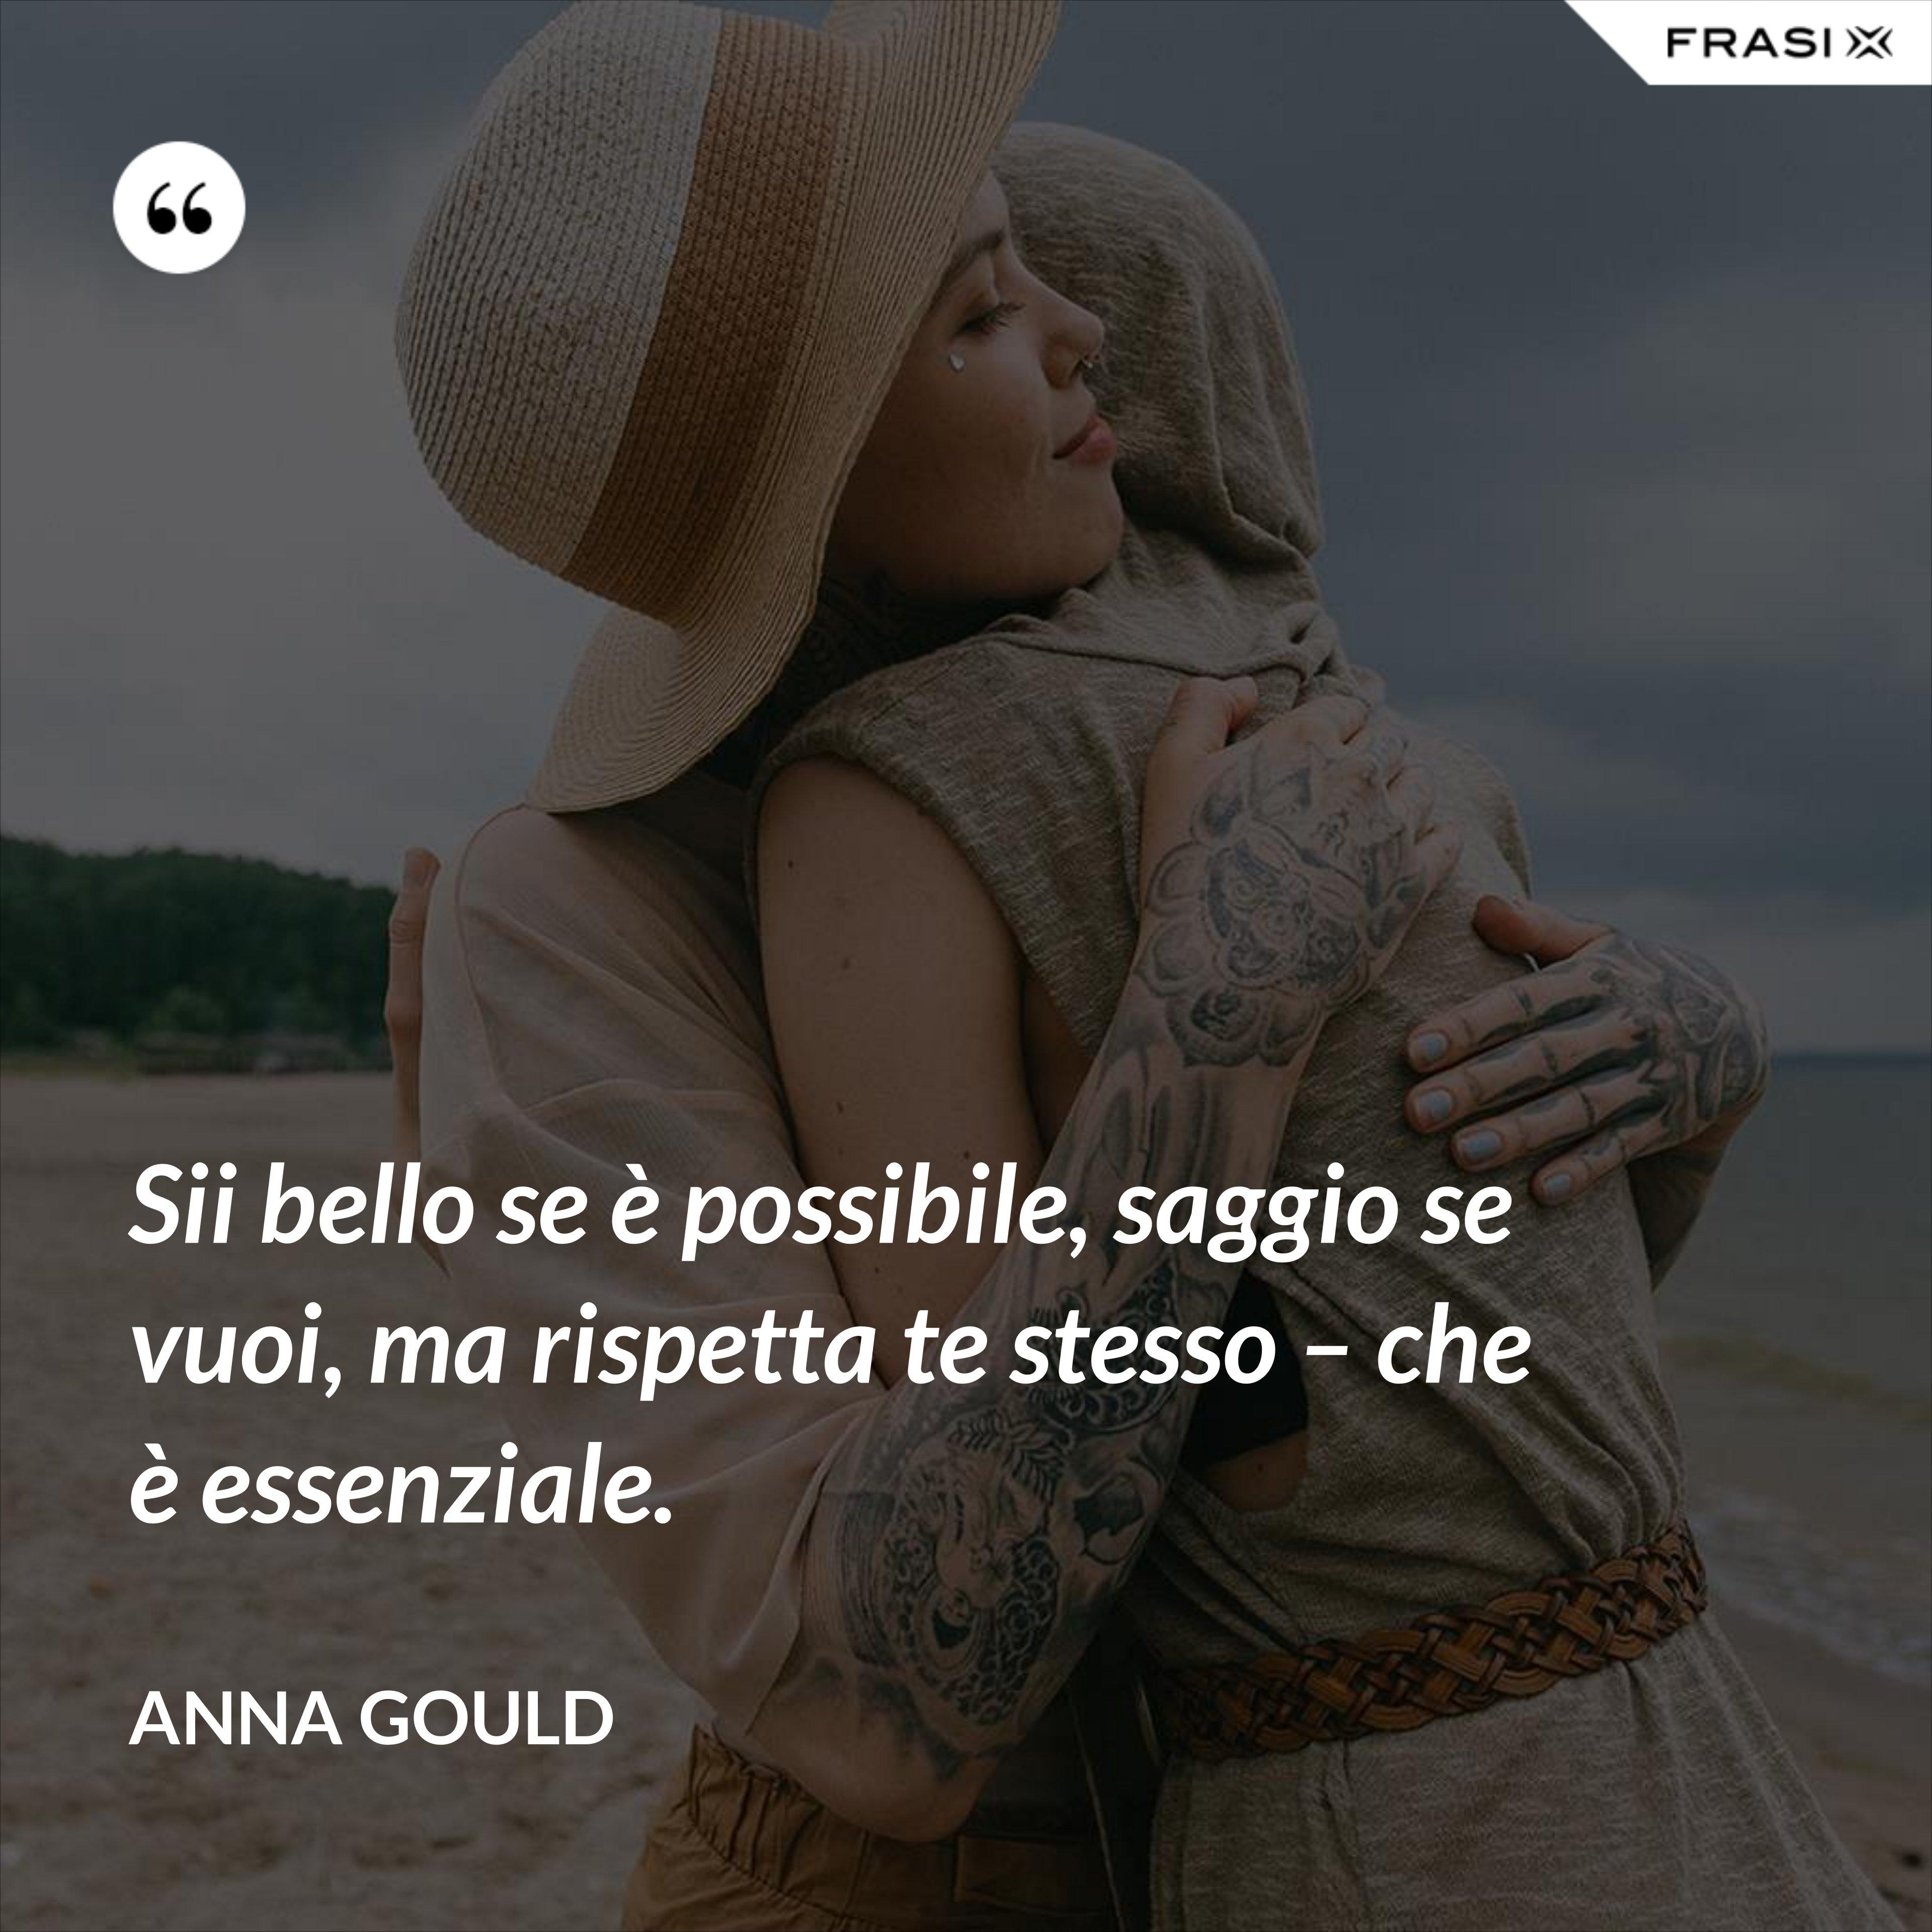 Sii bello se è possibile, saggio se vuoi, ma rispetta te stesso – che è essenziale. - Anna Gould